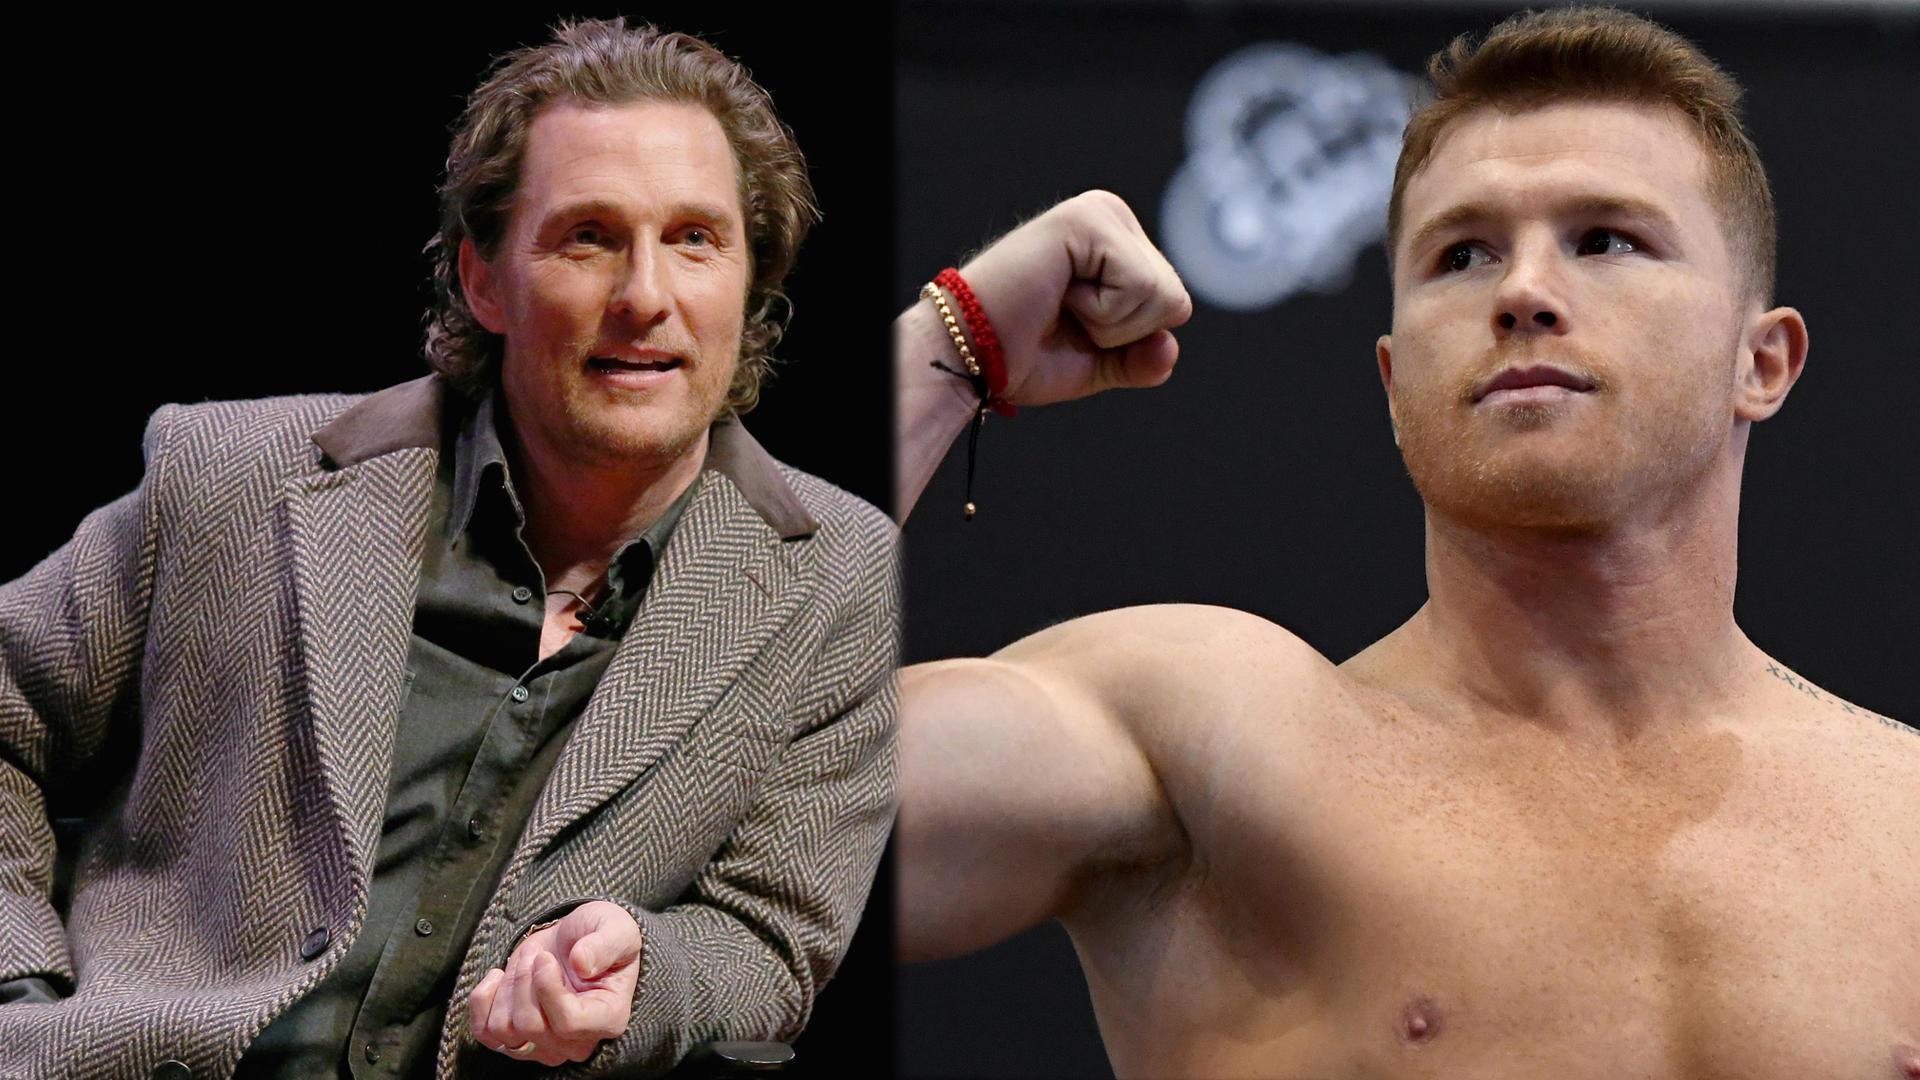 Exclusiva: Matthew McConaughey y Canelo Álvarez llevan este fuerte ...